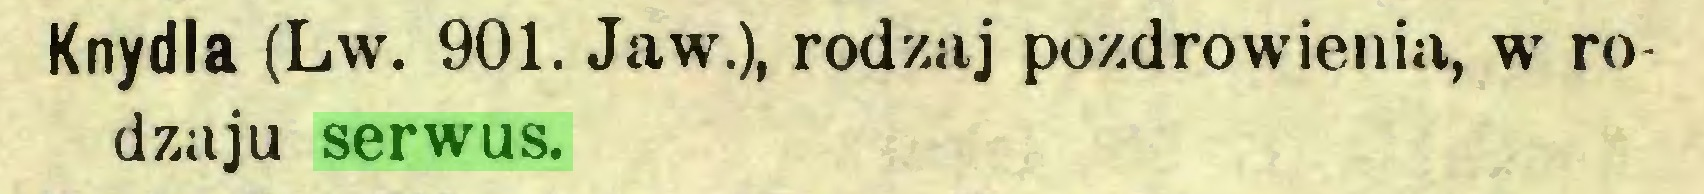 (...) Knydla (Lw. 901. Jaw.), rodzaj pozdrowienia, w rodzaju serwus...